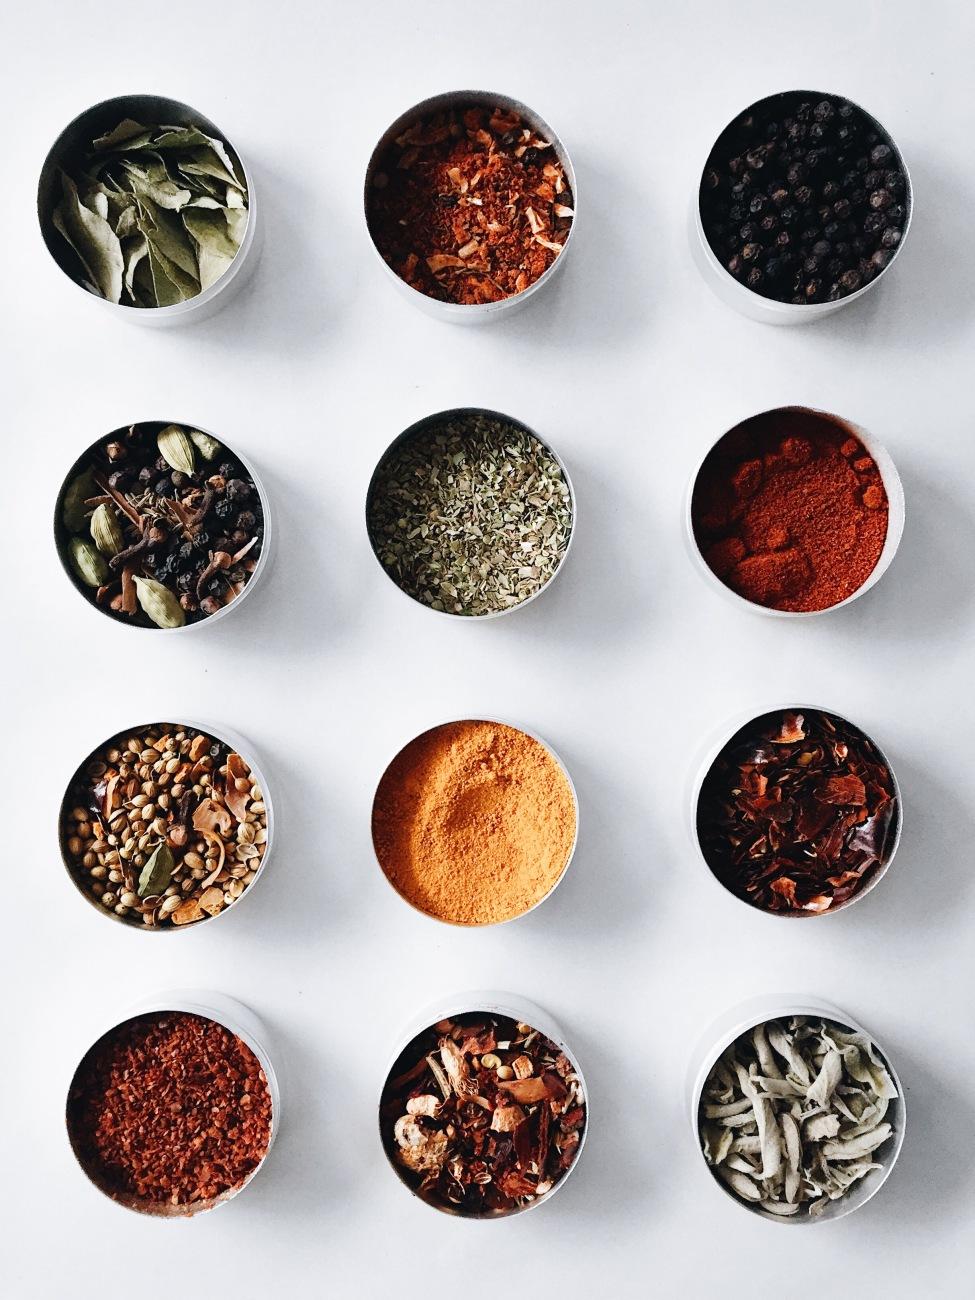 Cadeaux gourmands - Mélanges d'épices maison : à salade, cari, cajun et barbecue